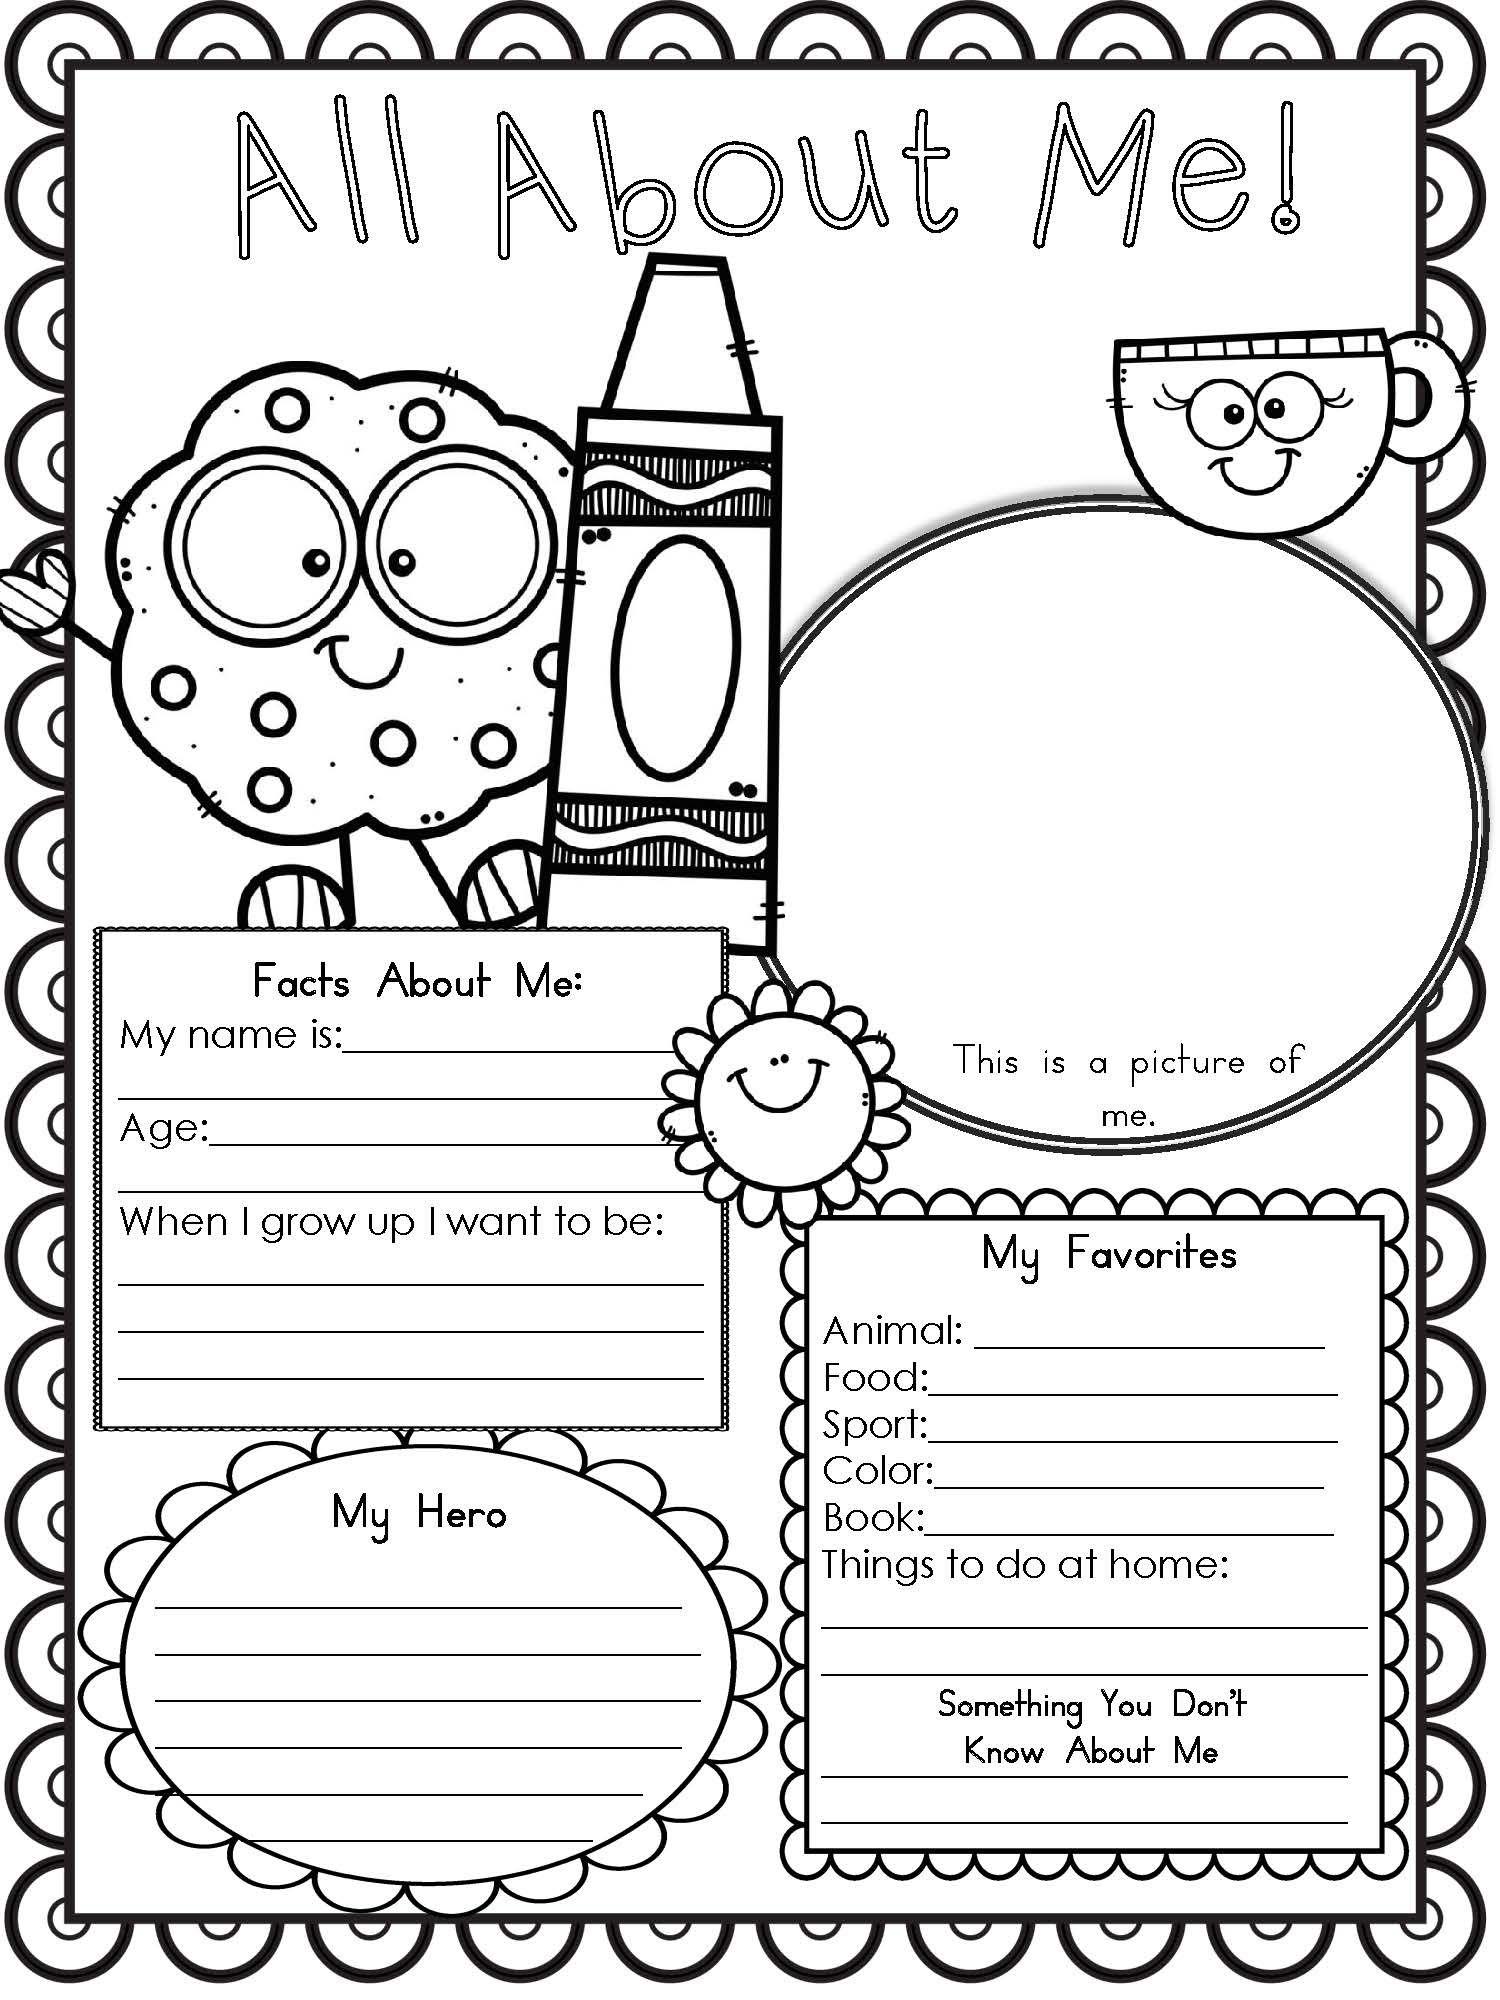 All About Me Worksheet For Kindergarten